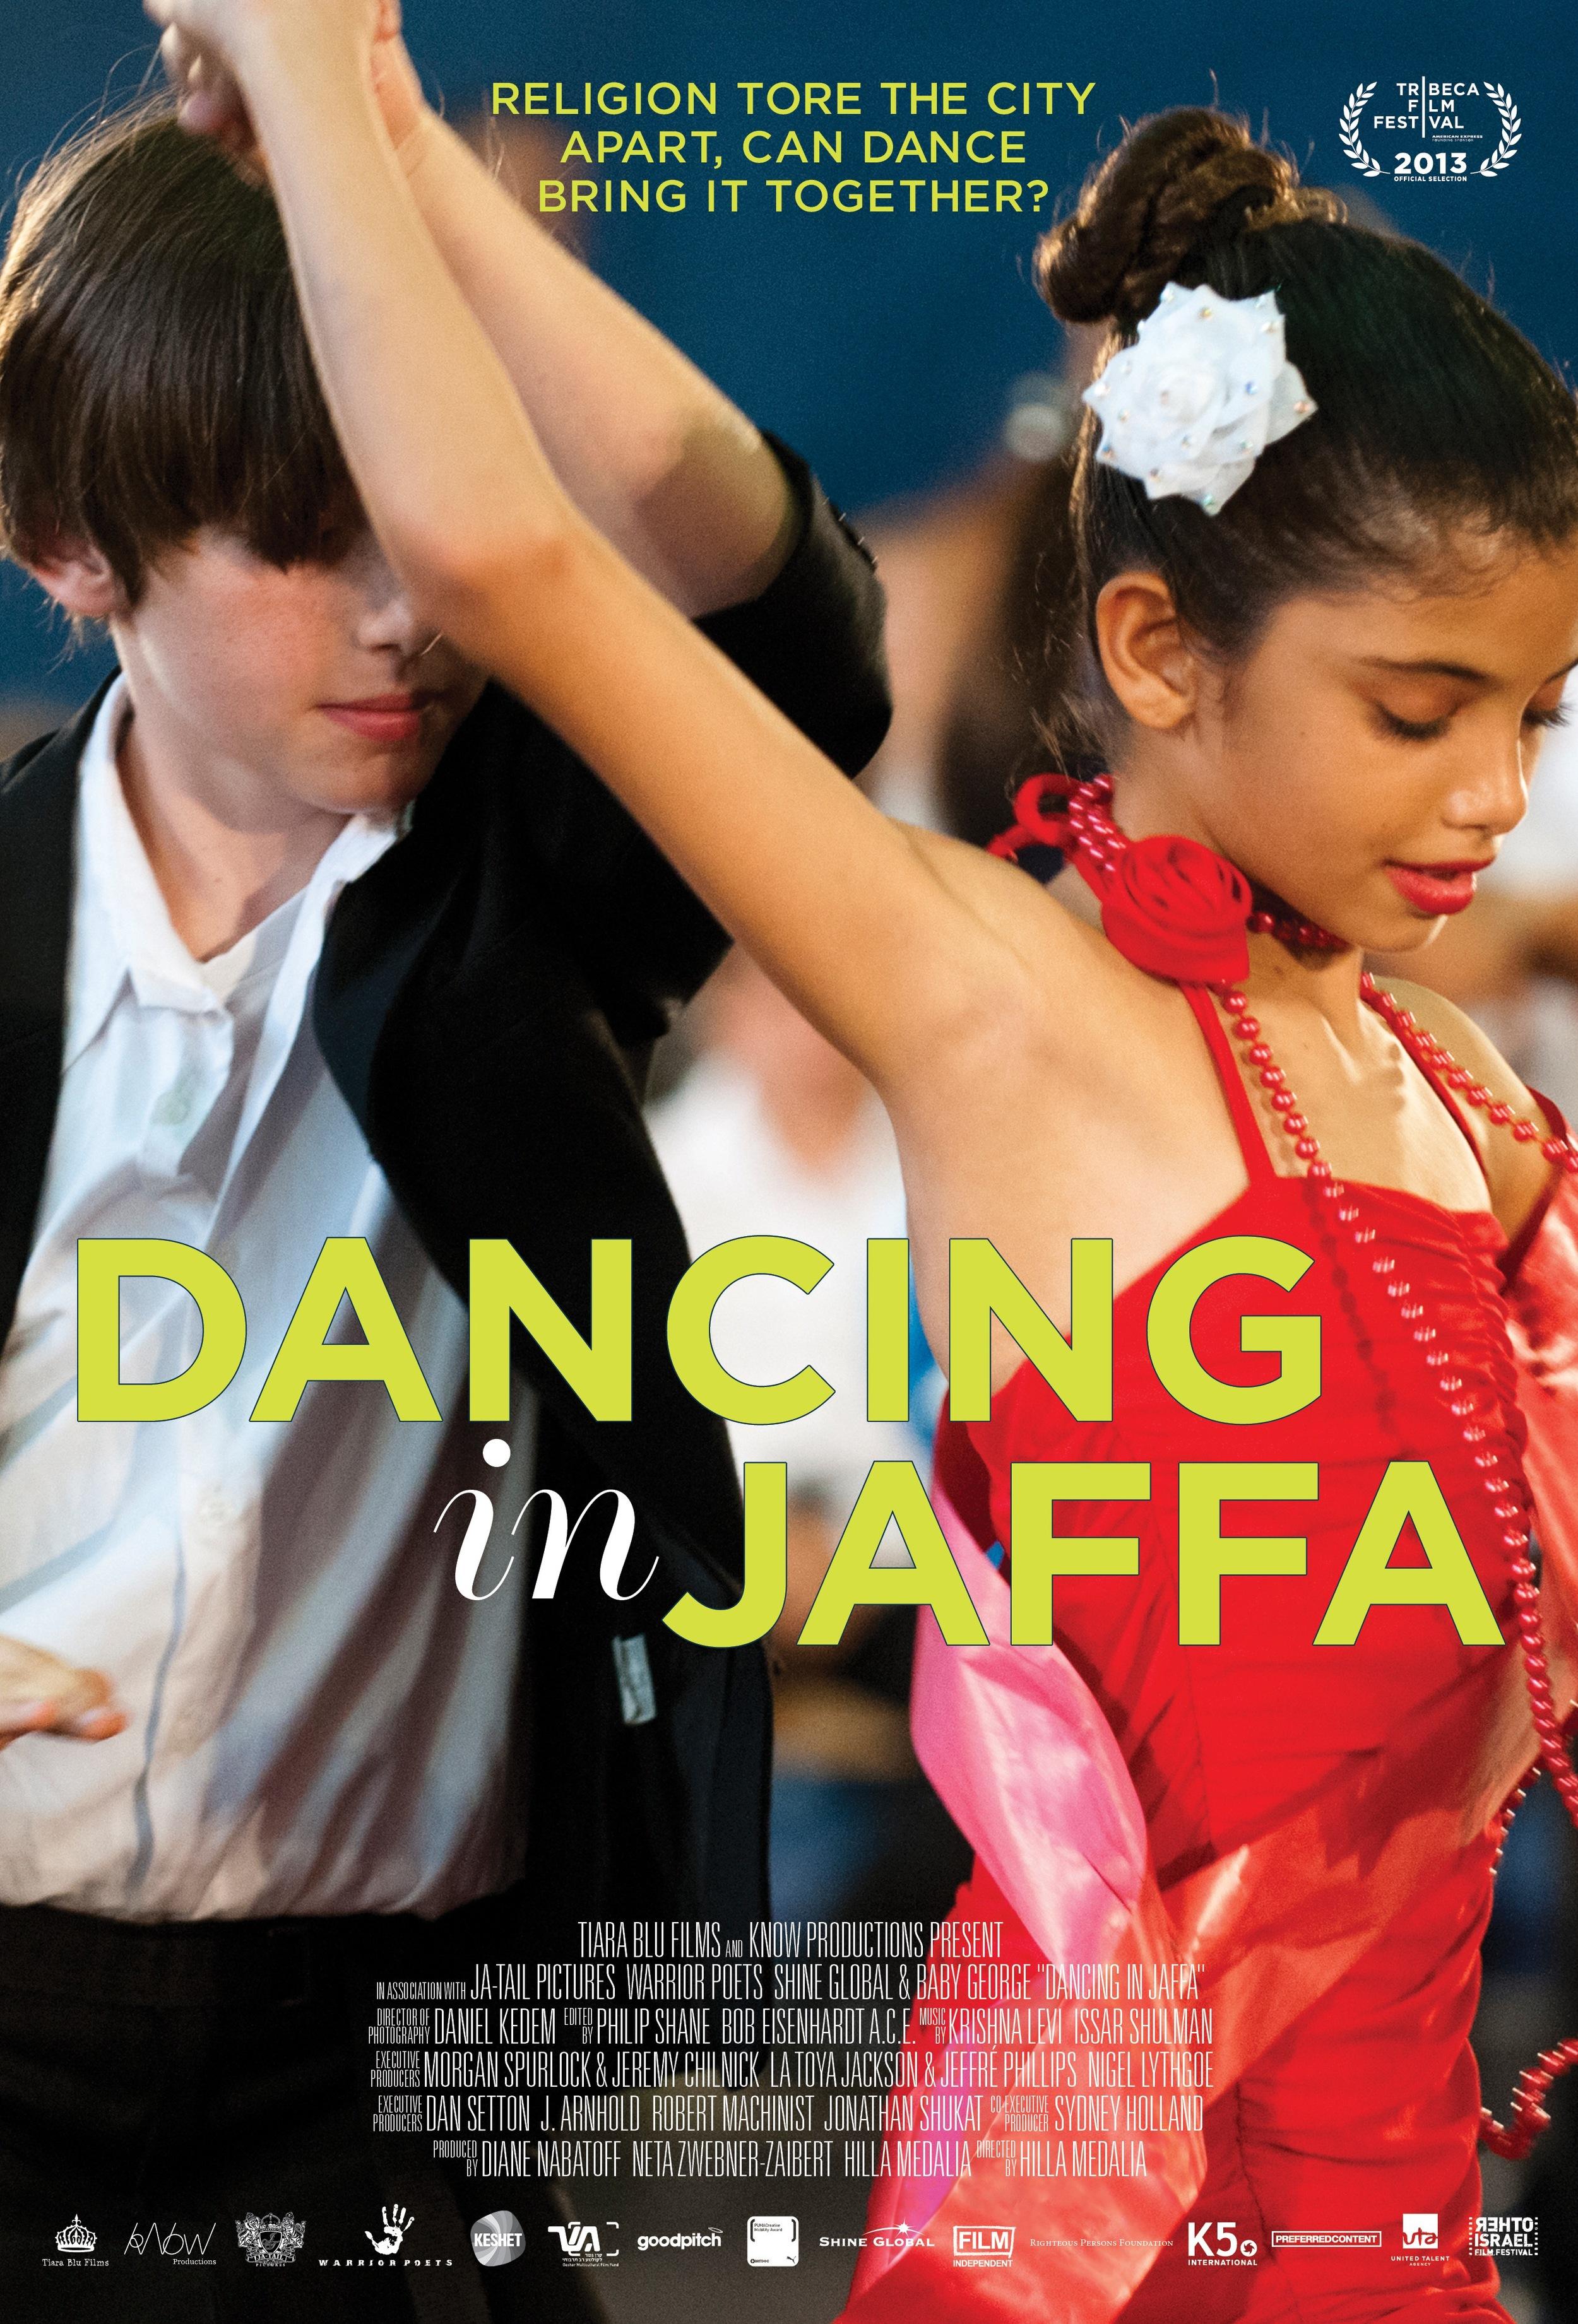 Jaffa_Poster_Small.jpg